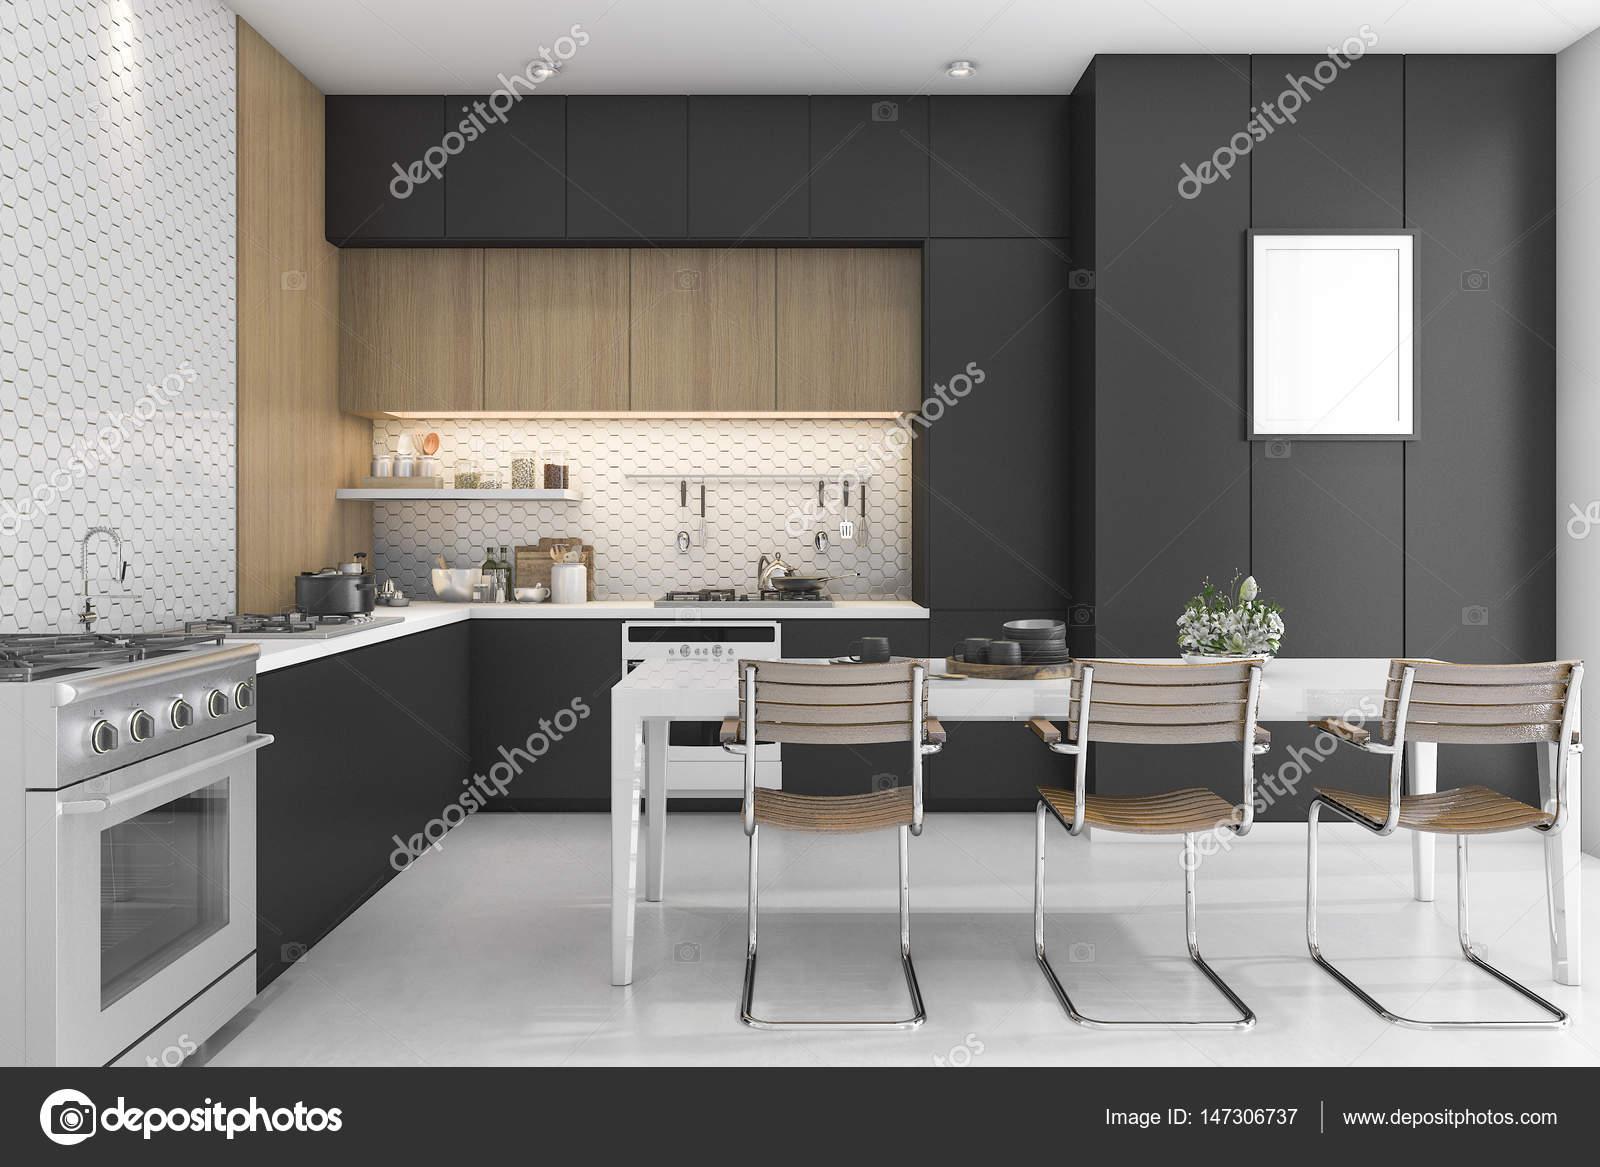 cocina 3D de renderizado negro con diseño de madera — Foto ...